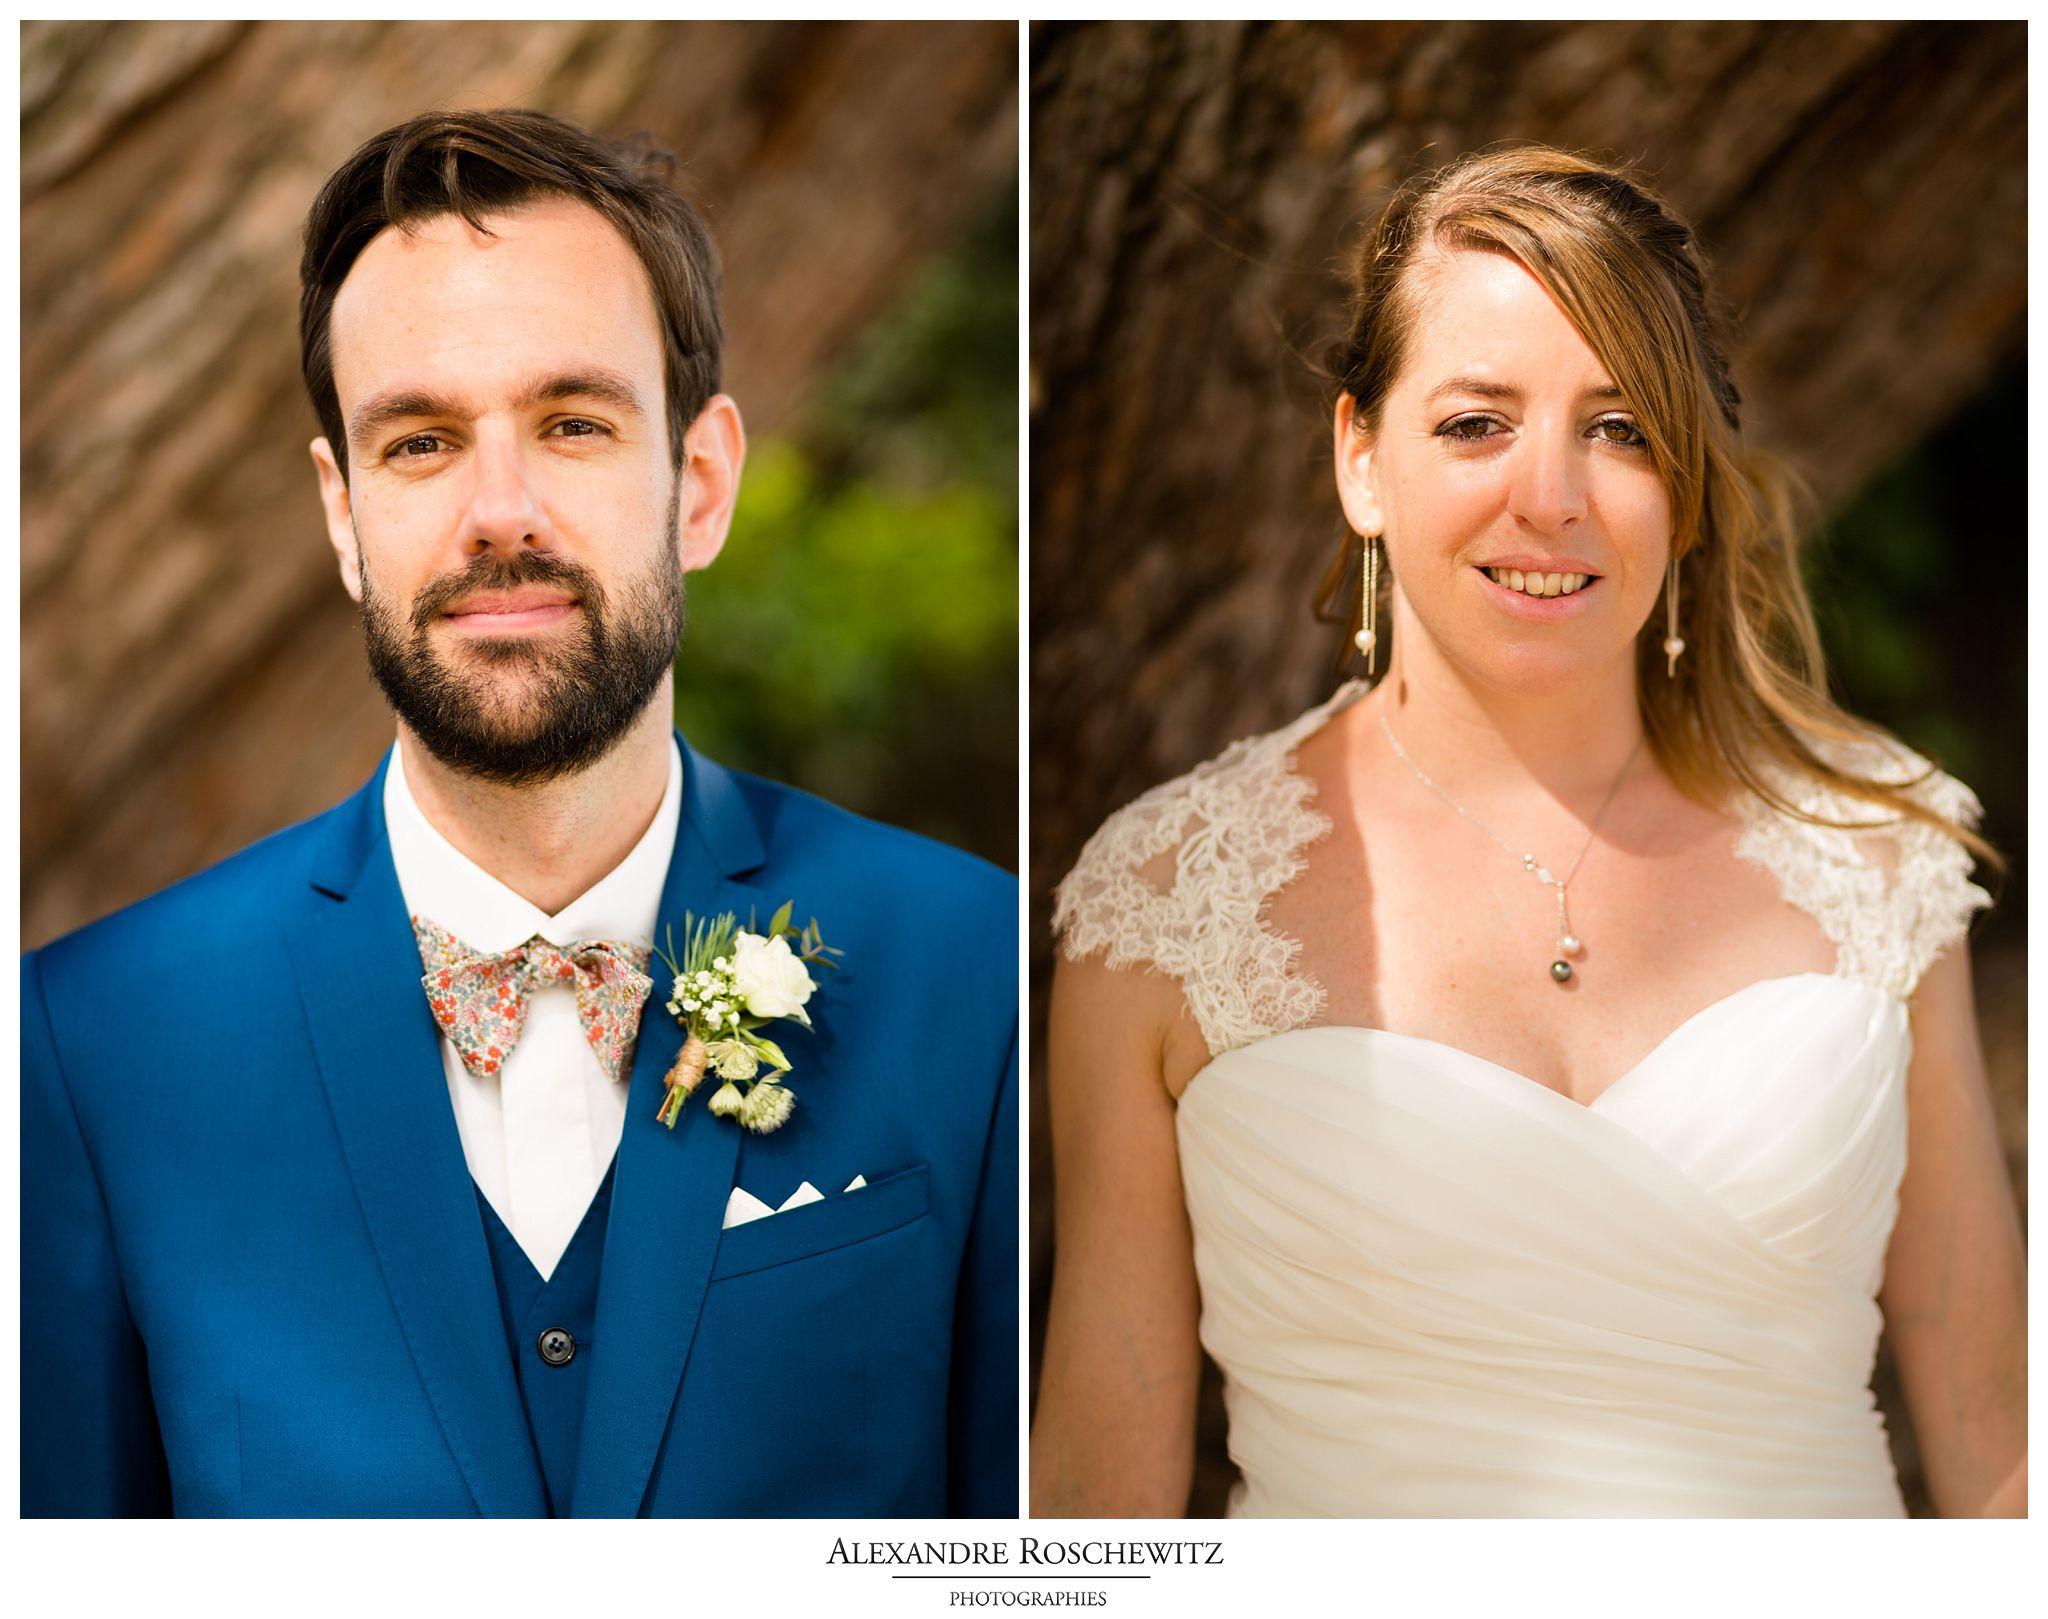 Aperçu des photos du mariage religieux de Christine et Frédéric à l'Eglise Notre Dame des Flots du Cap Ferret, puis au Domaine de Cordet. Alexandre Roschewitz Photographies.